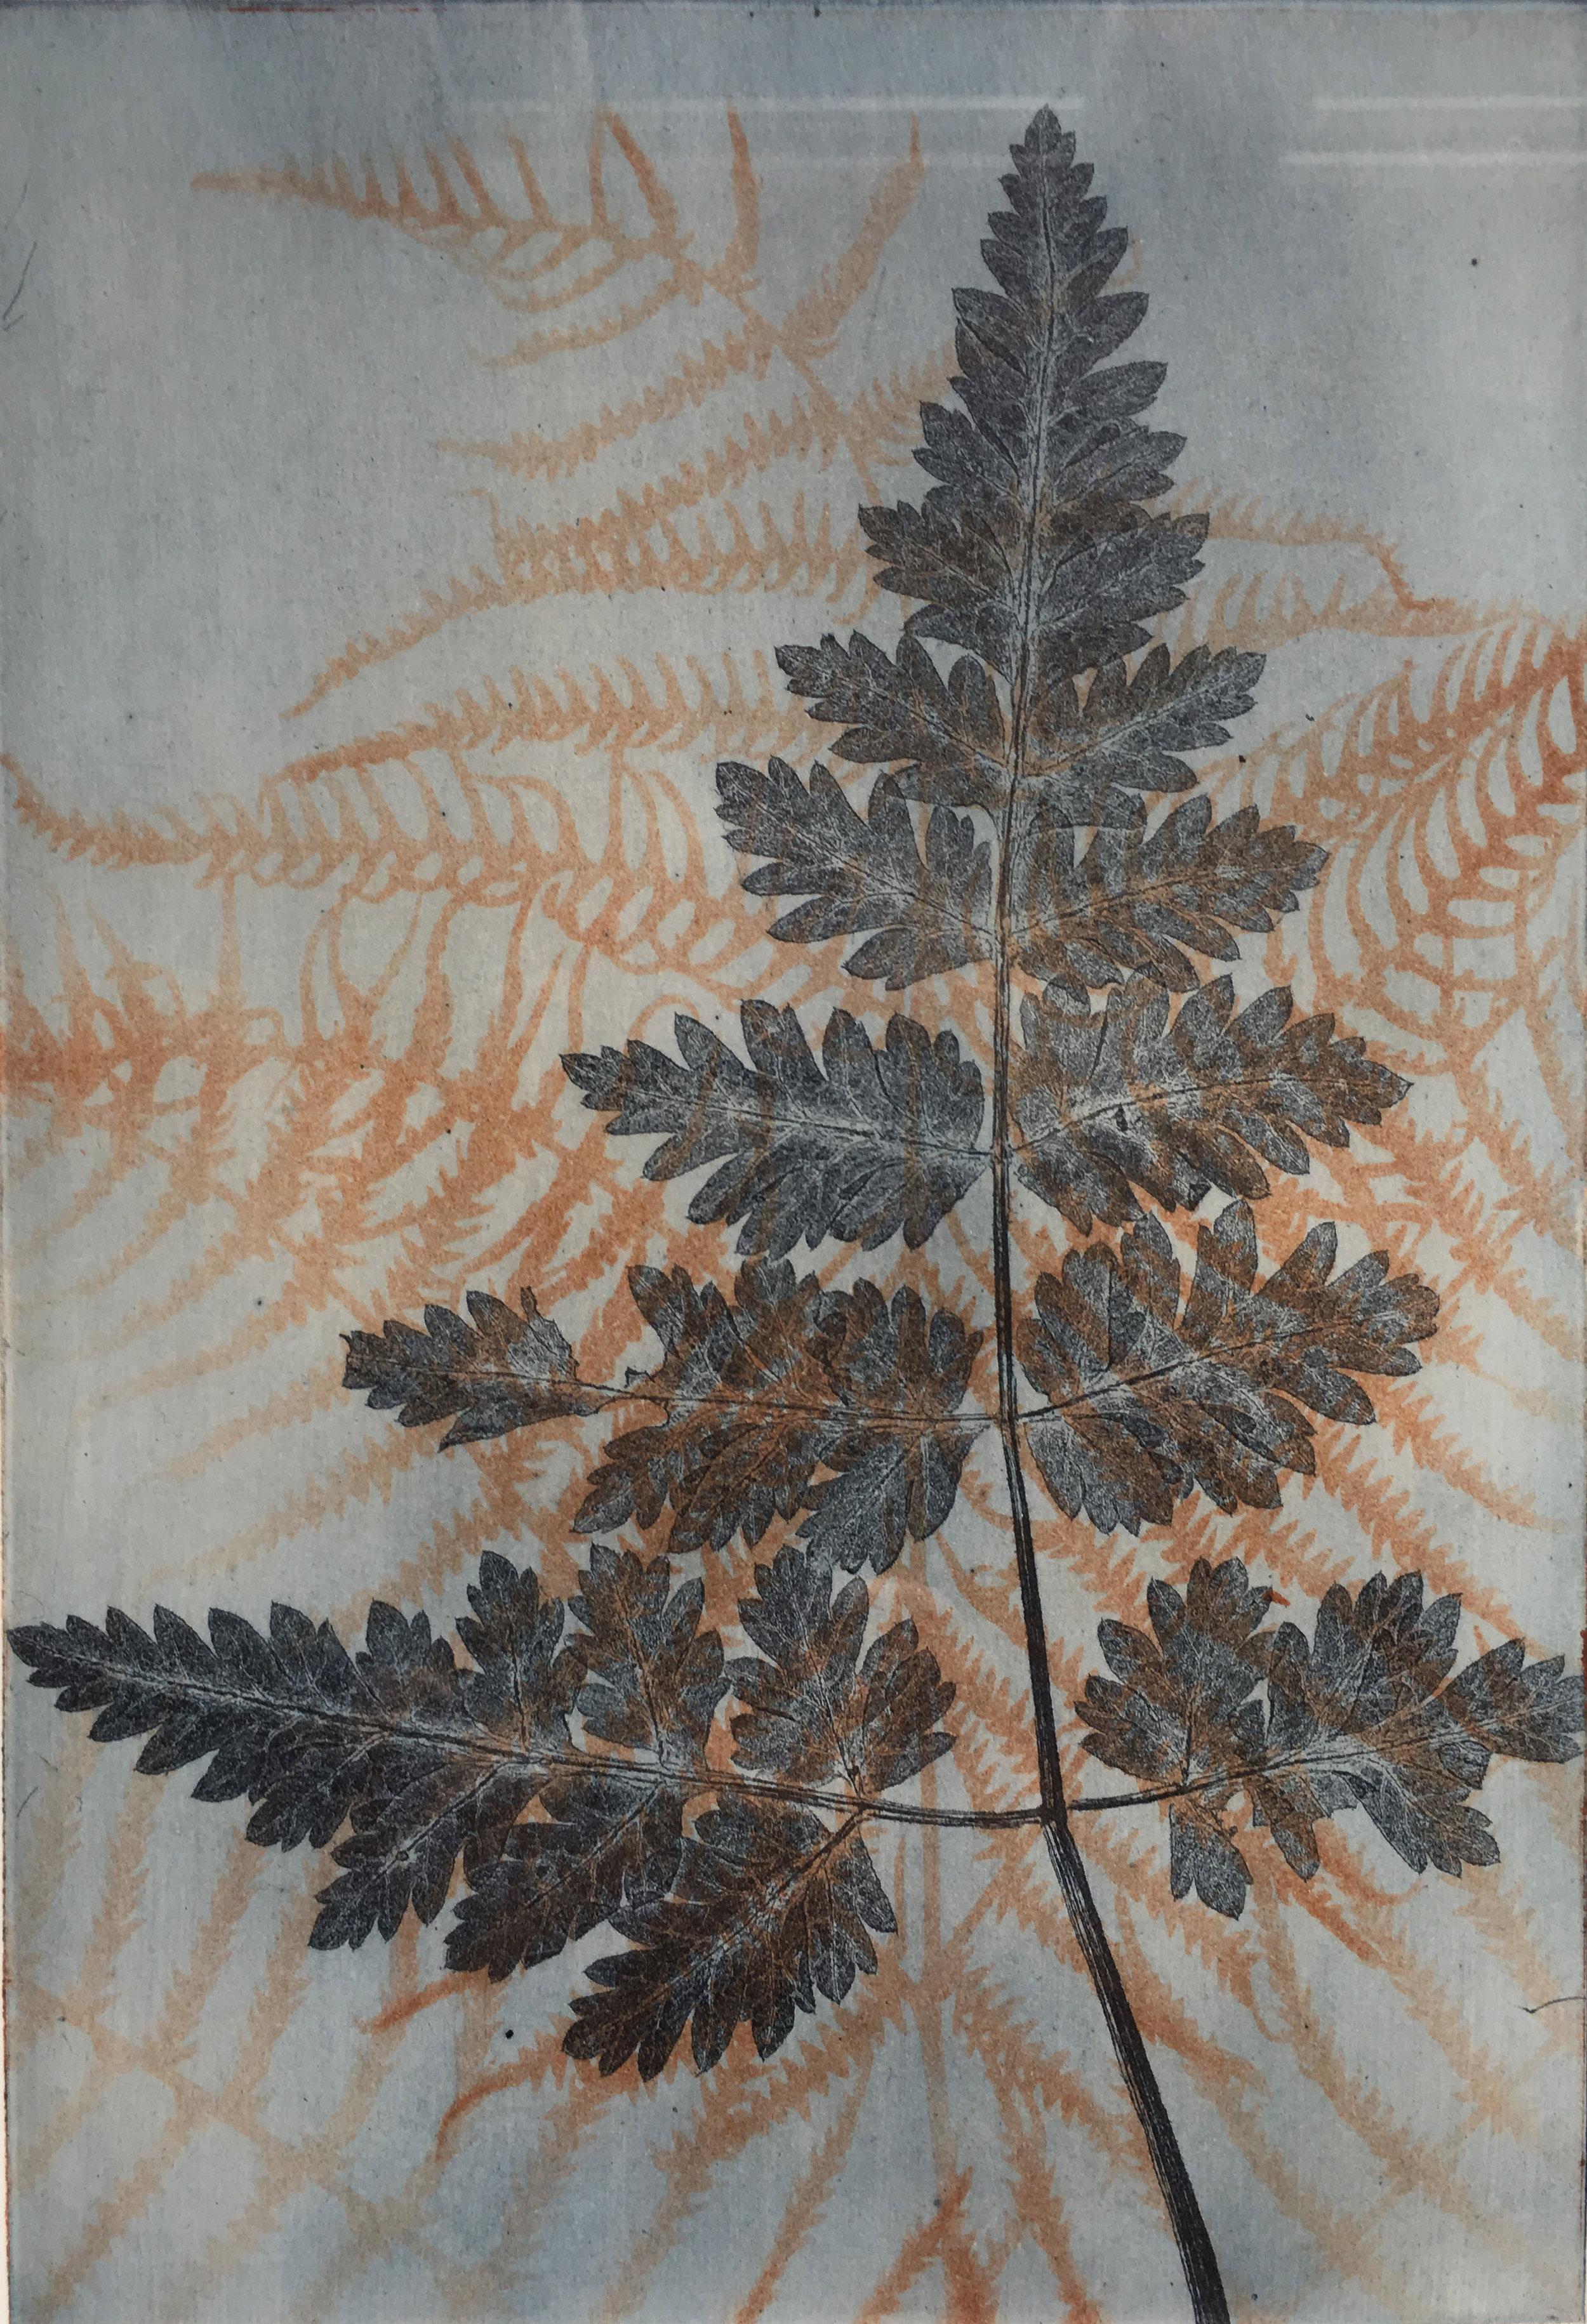 Norfolk Lane   etching   14 x 21 cm image  33 x 41 cm framed  SOLD